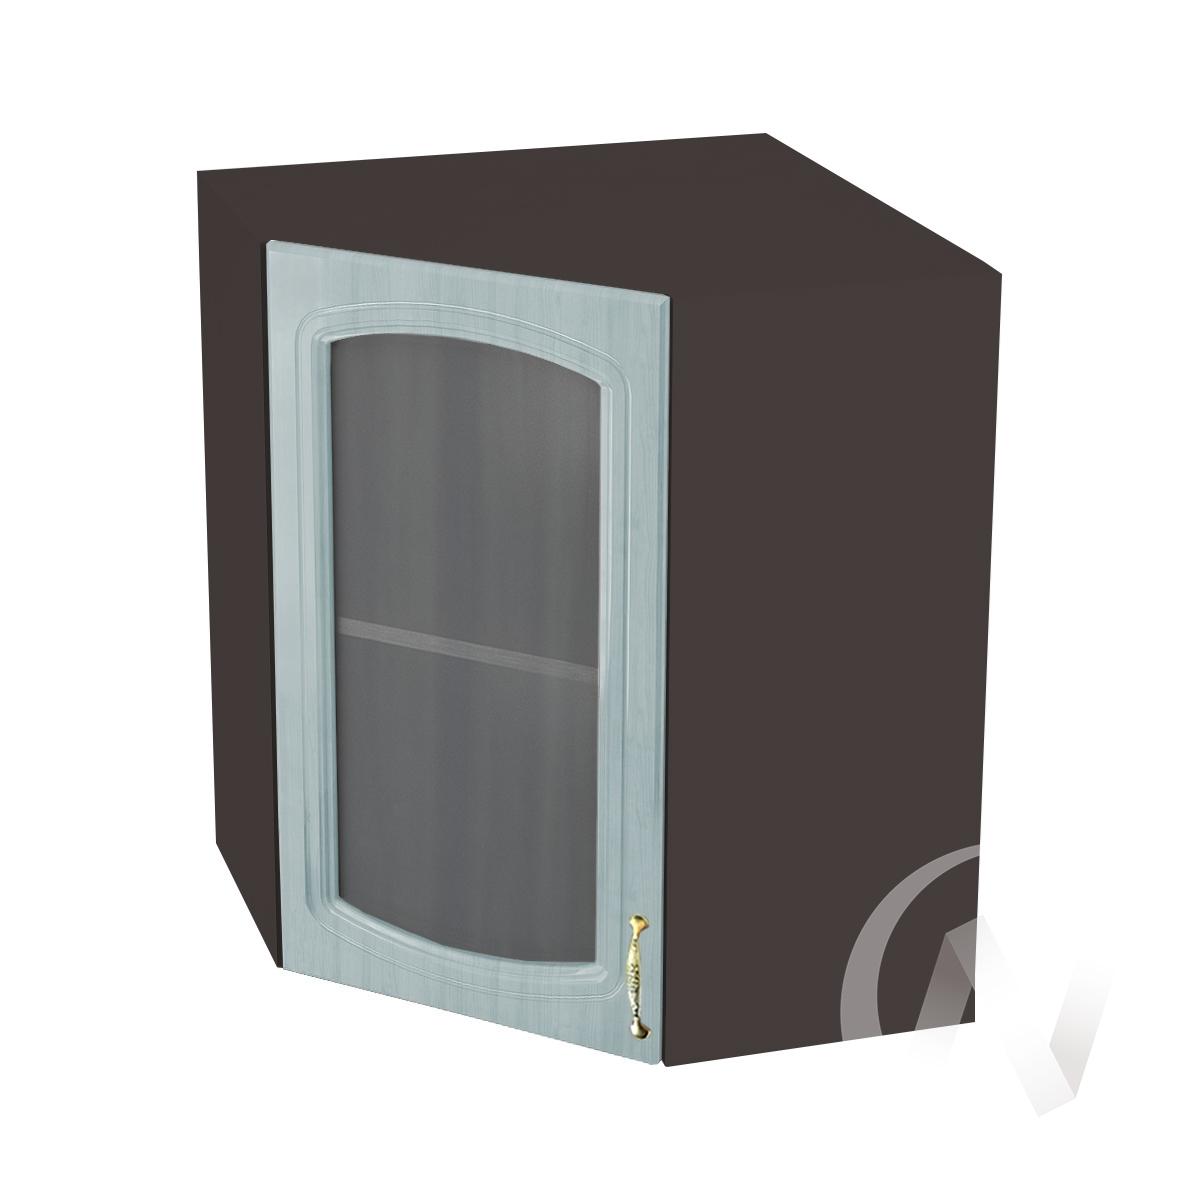 """Кухня """"Сити"""": Шкаф верхний угловой со стеклом 590, ШВУС 590 (корпус венге)"""